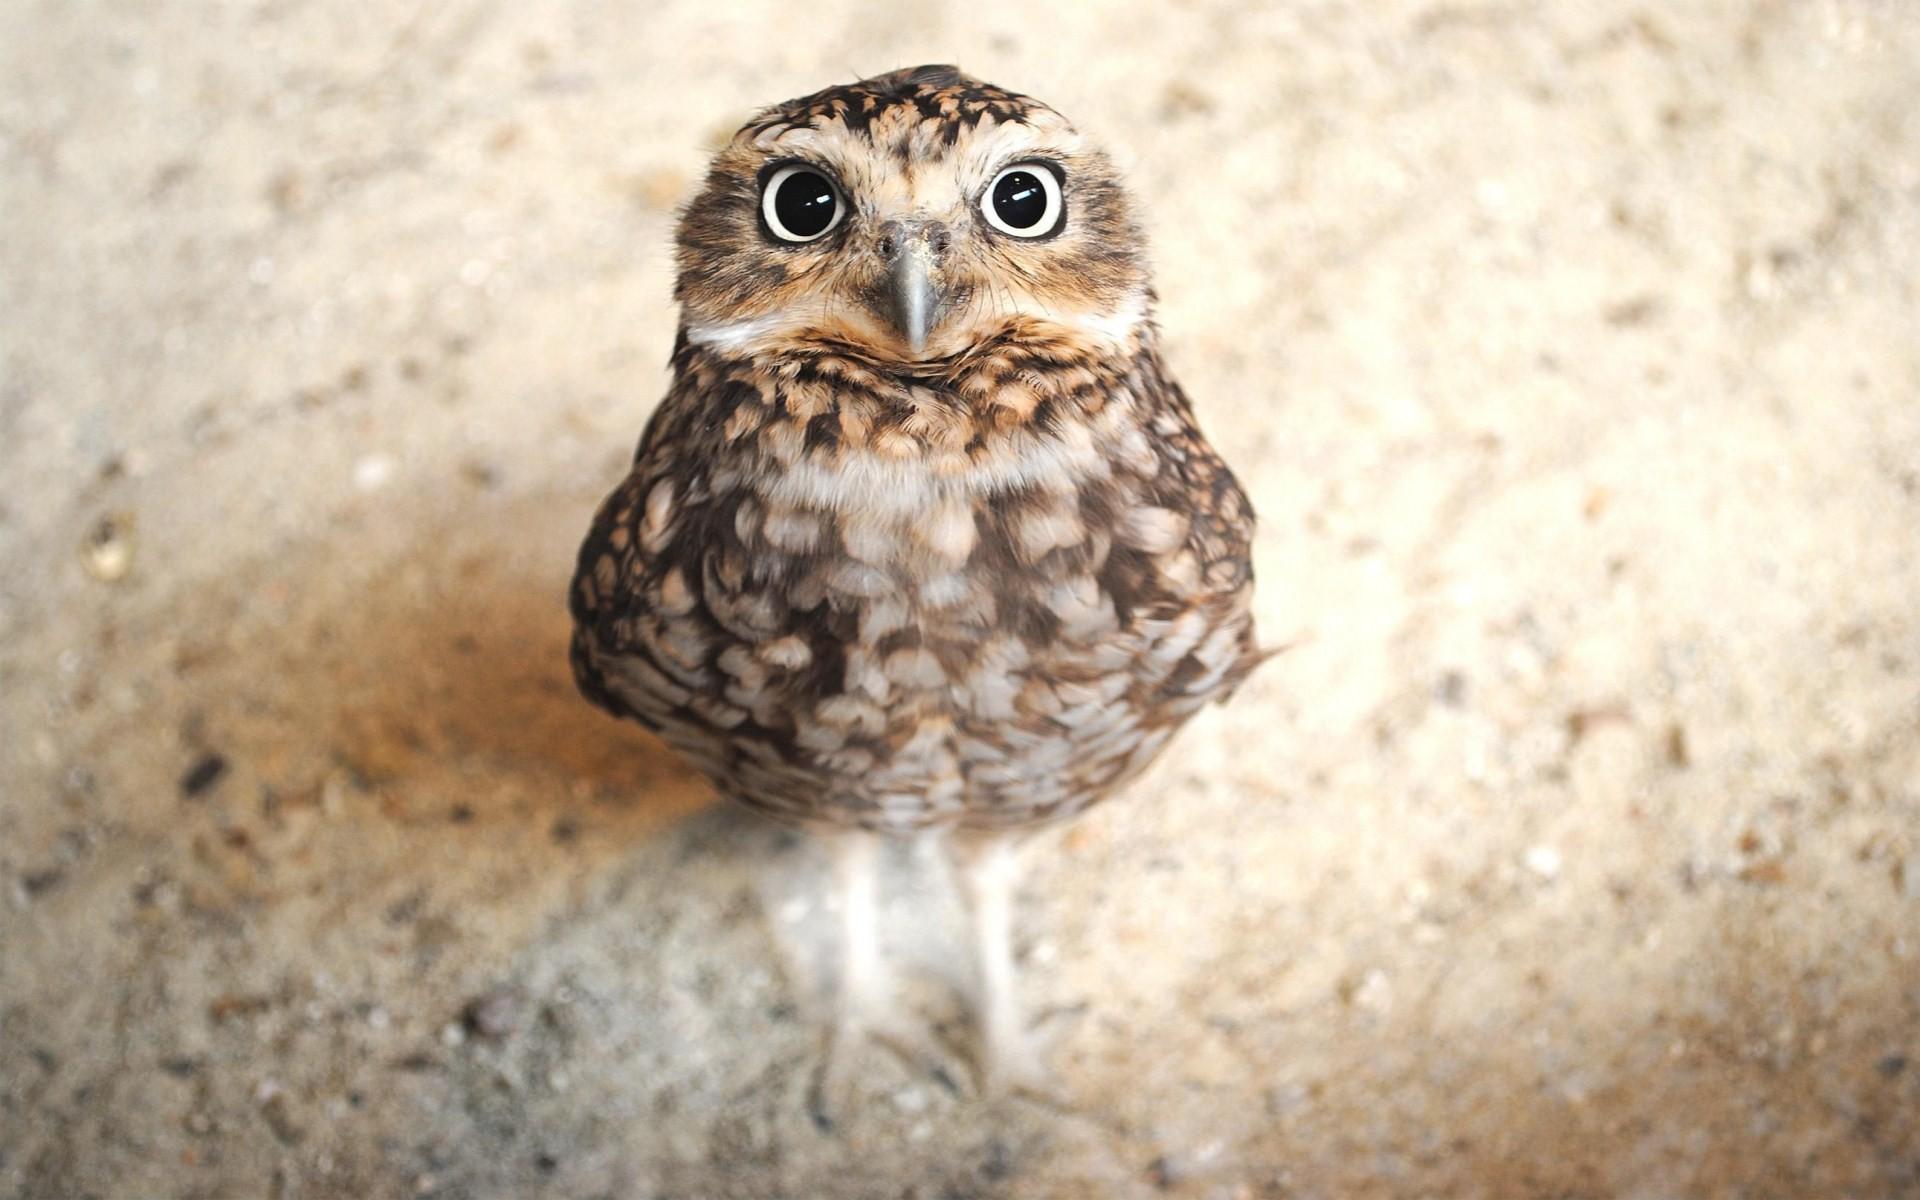 Res: 1920x1200, Cute Owl Wallpaper